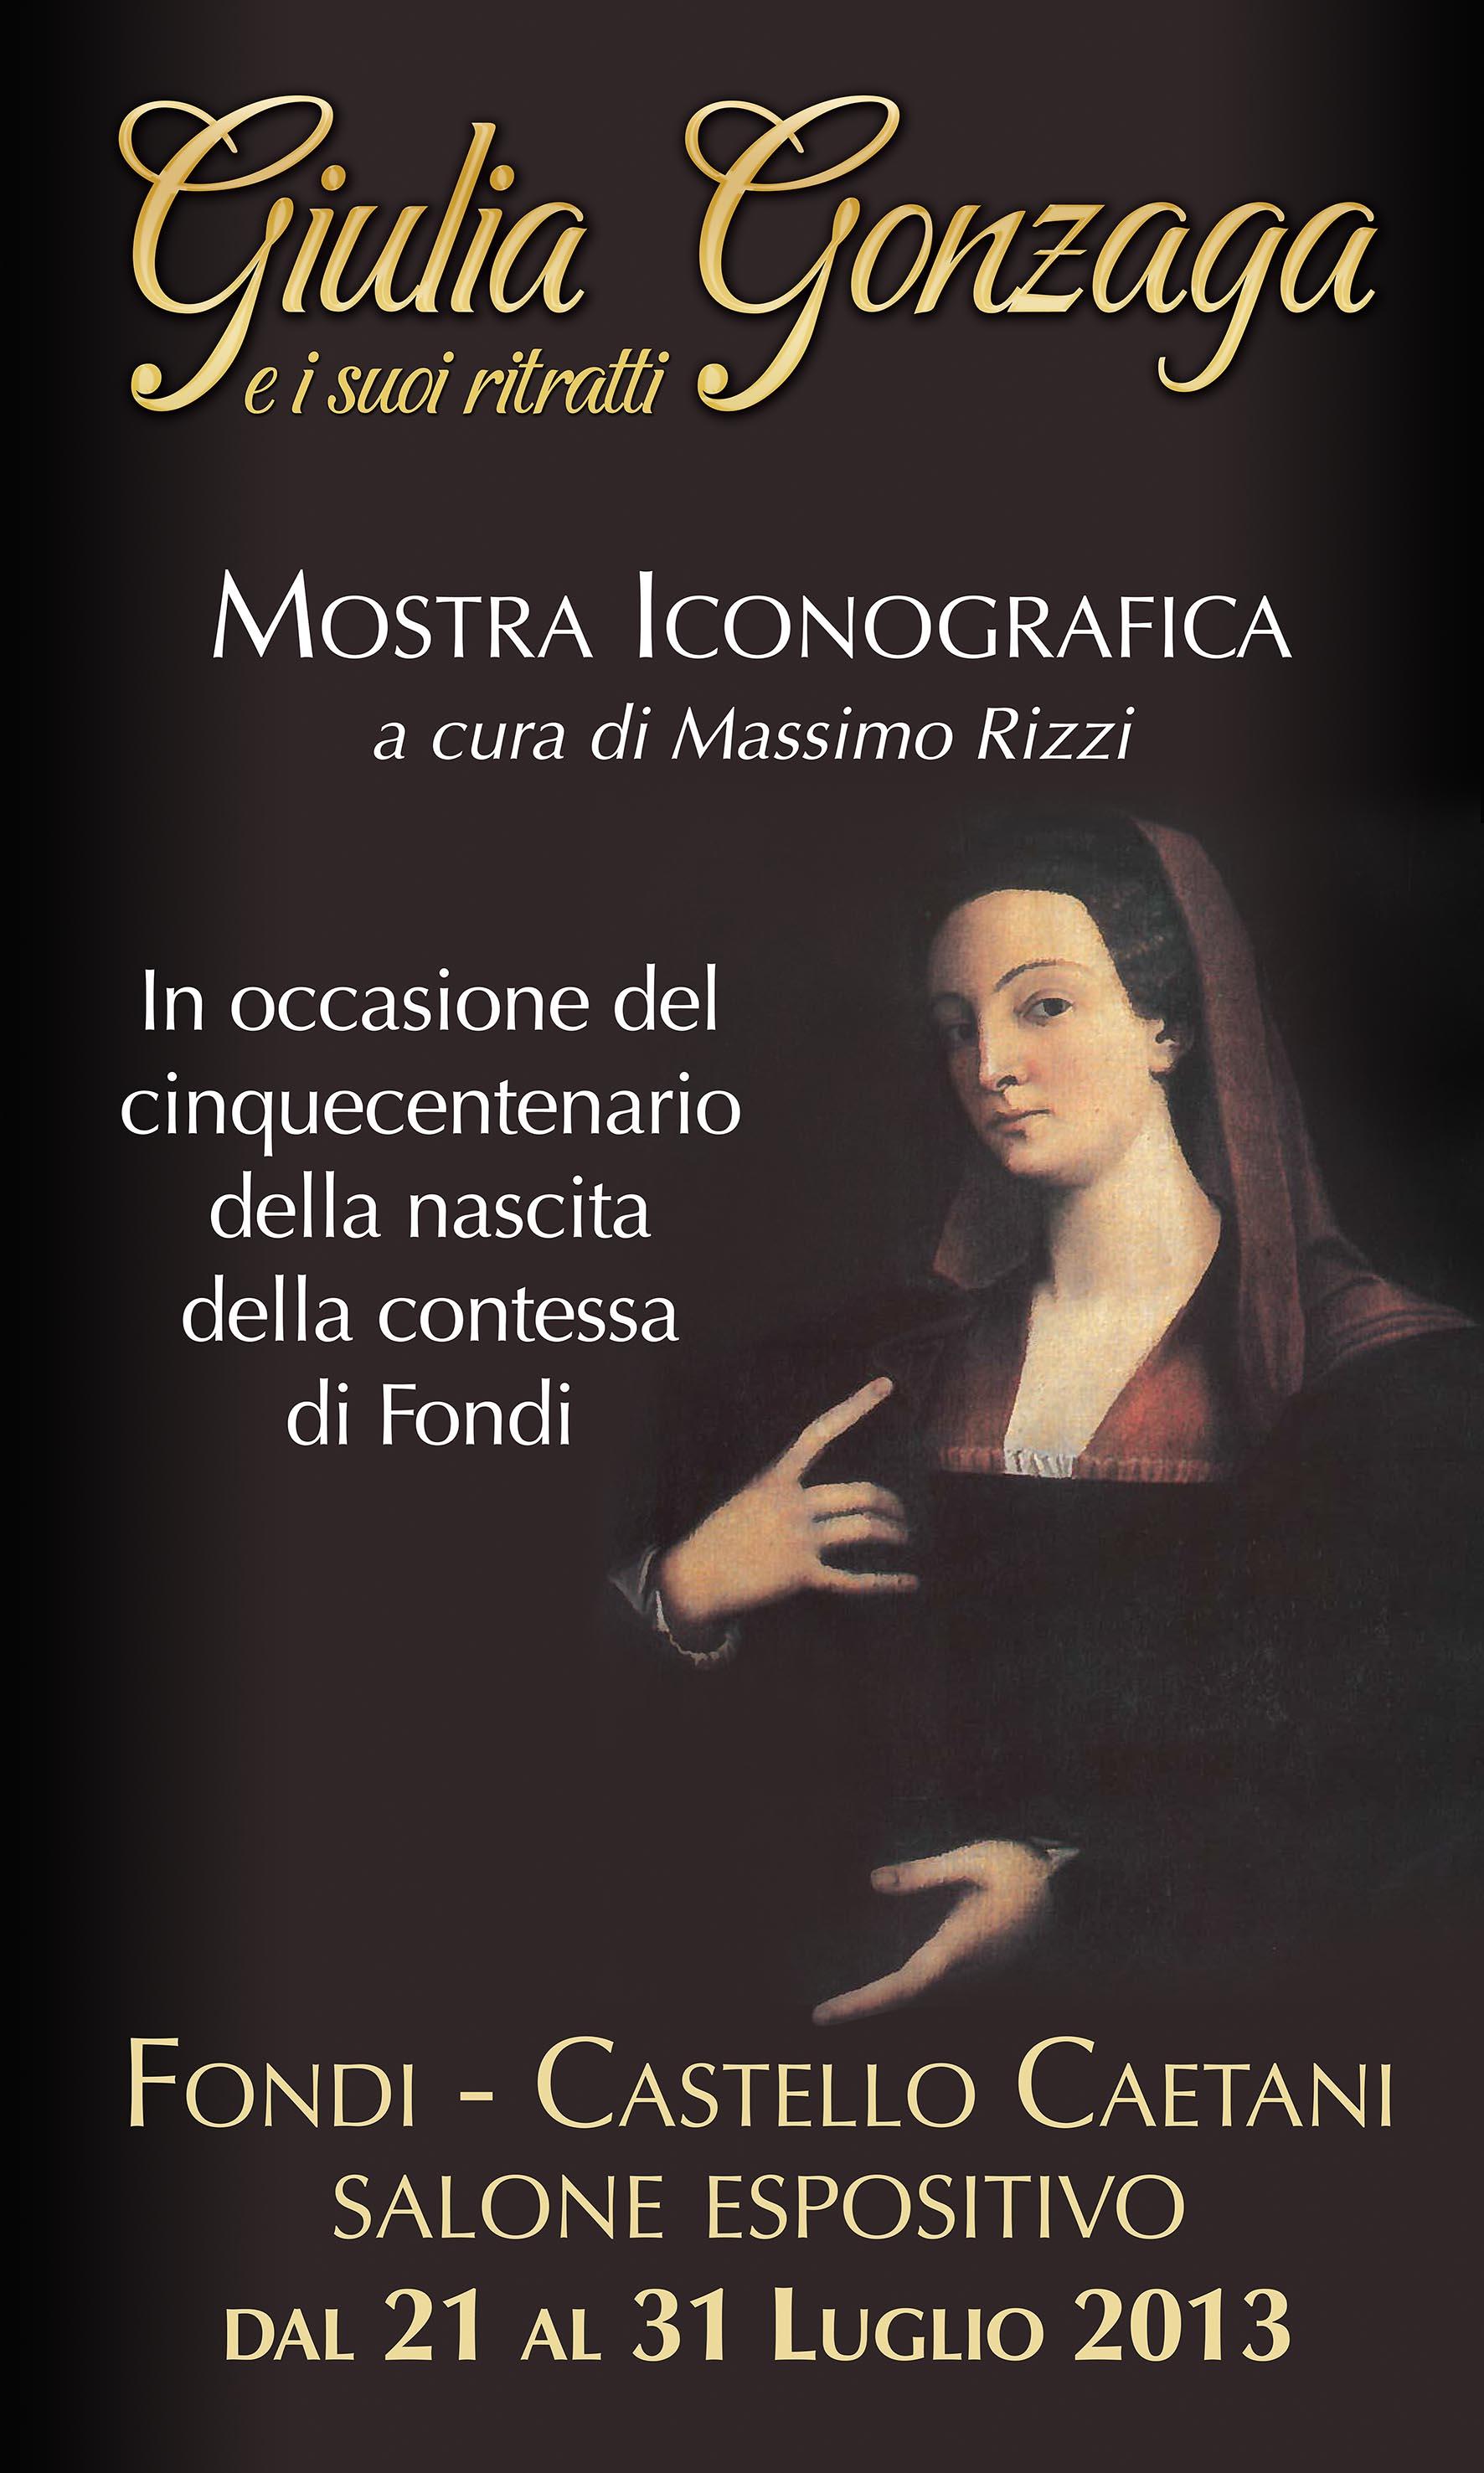 locandina Mostra Giulia Gonzaga di Massimo Rizzi lug 2013